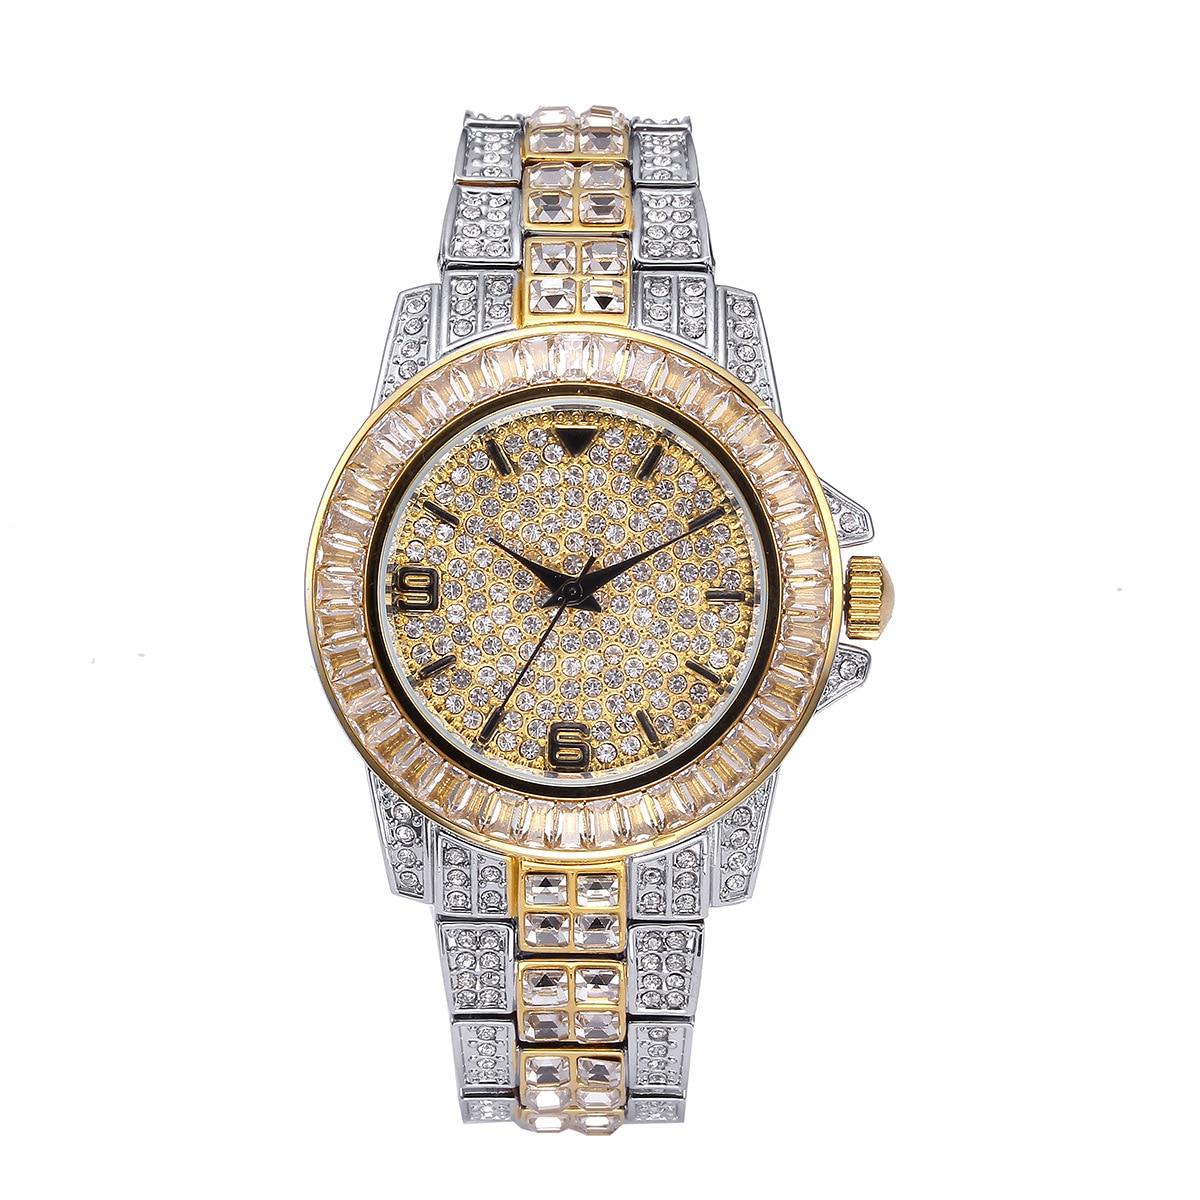 Мужские кварцевые часы с большим циферблатом со льдом и бриллиантами, роскошные стразы, хип-хоп наручные часы с кристаллами, браслет из